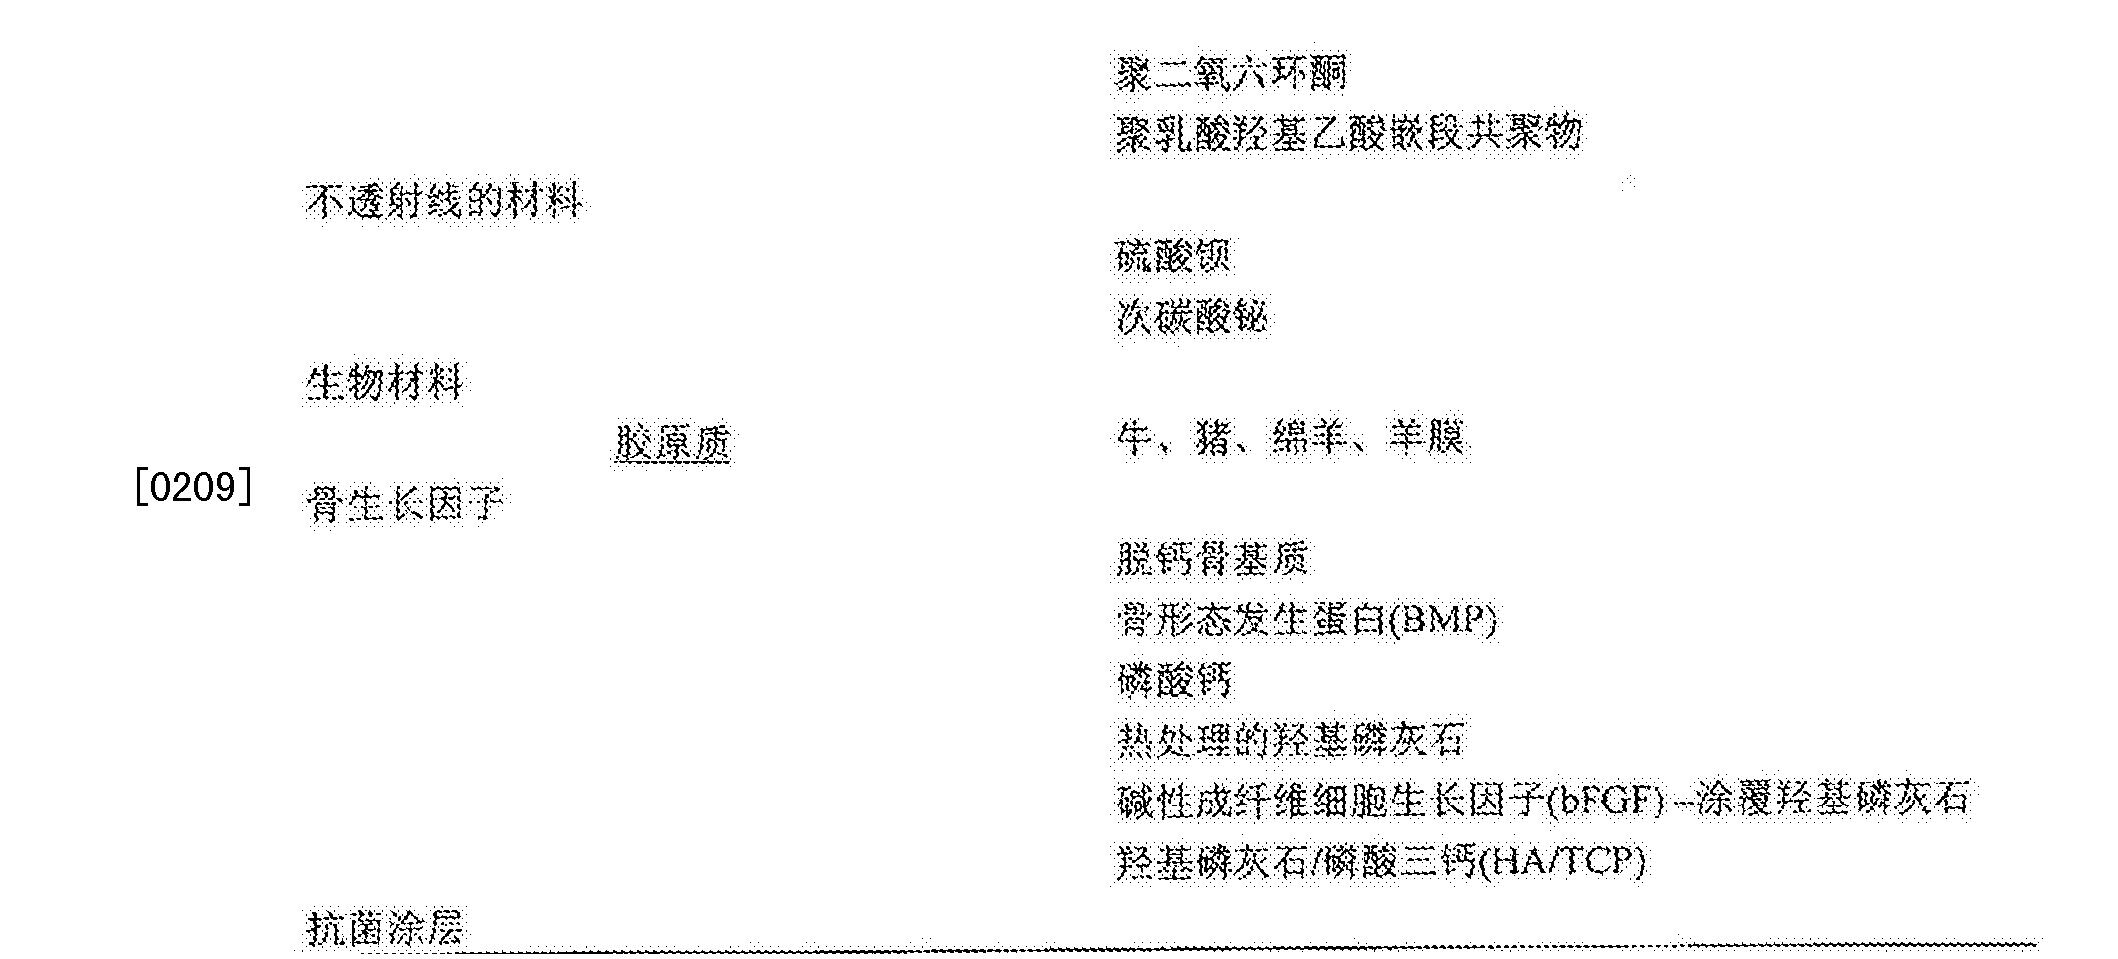 Figure CN103271761BD00171